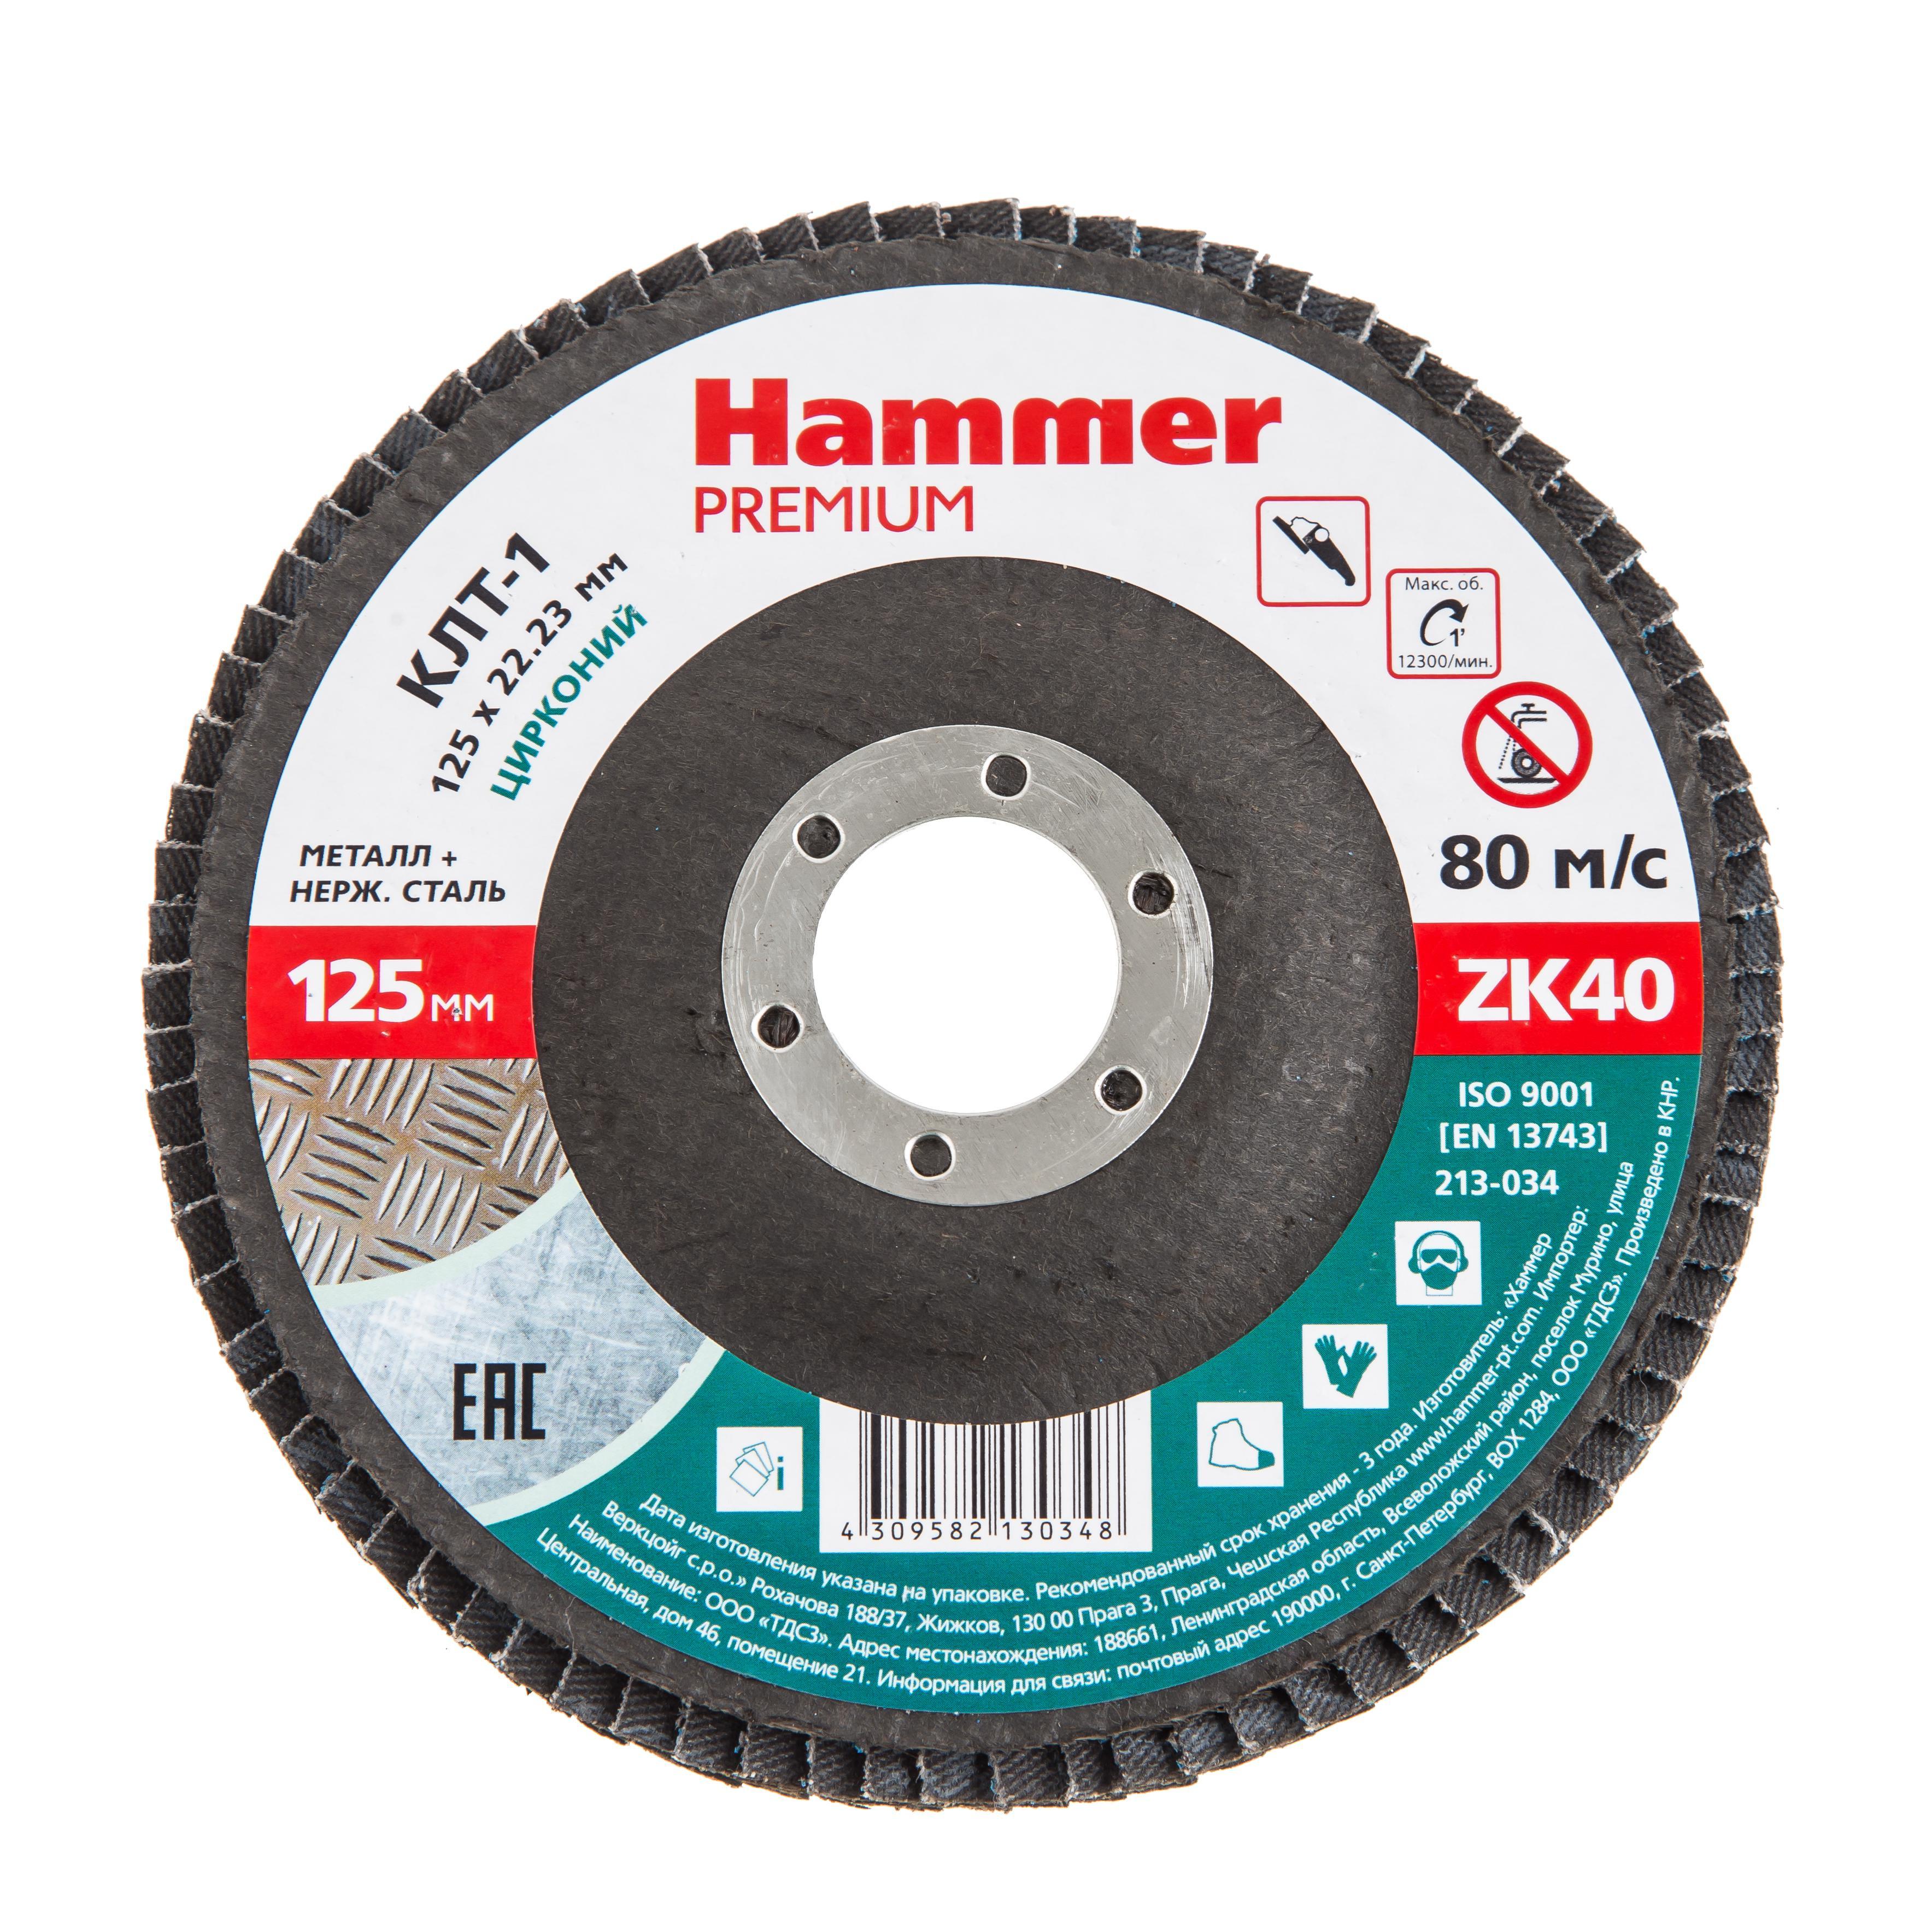 Купить Круг Лепестковый Торцевой (КЛТ) Hammer Ф125х22 p40